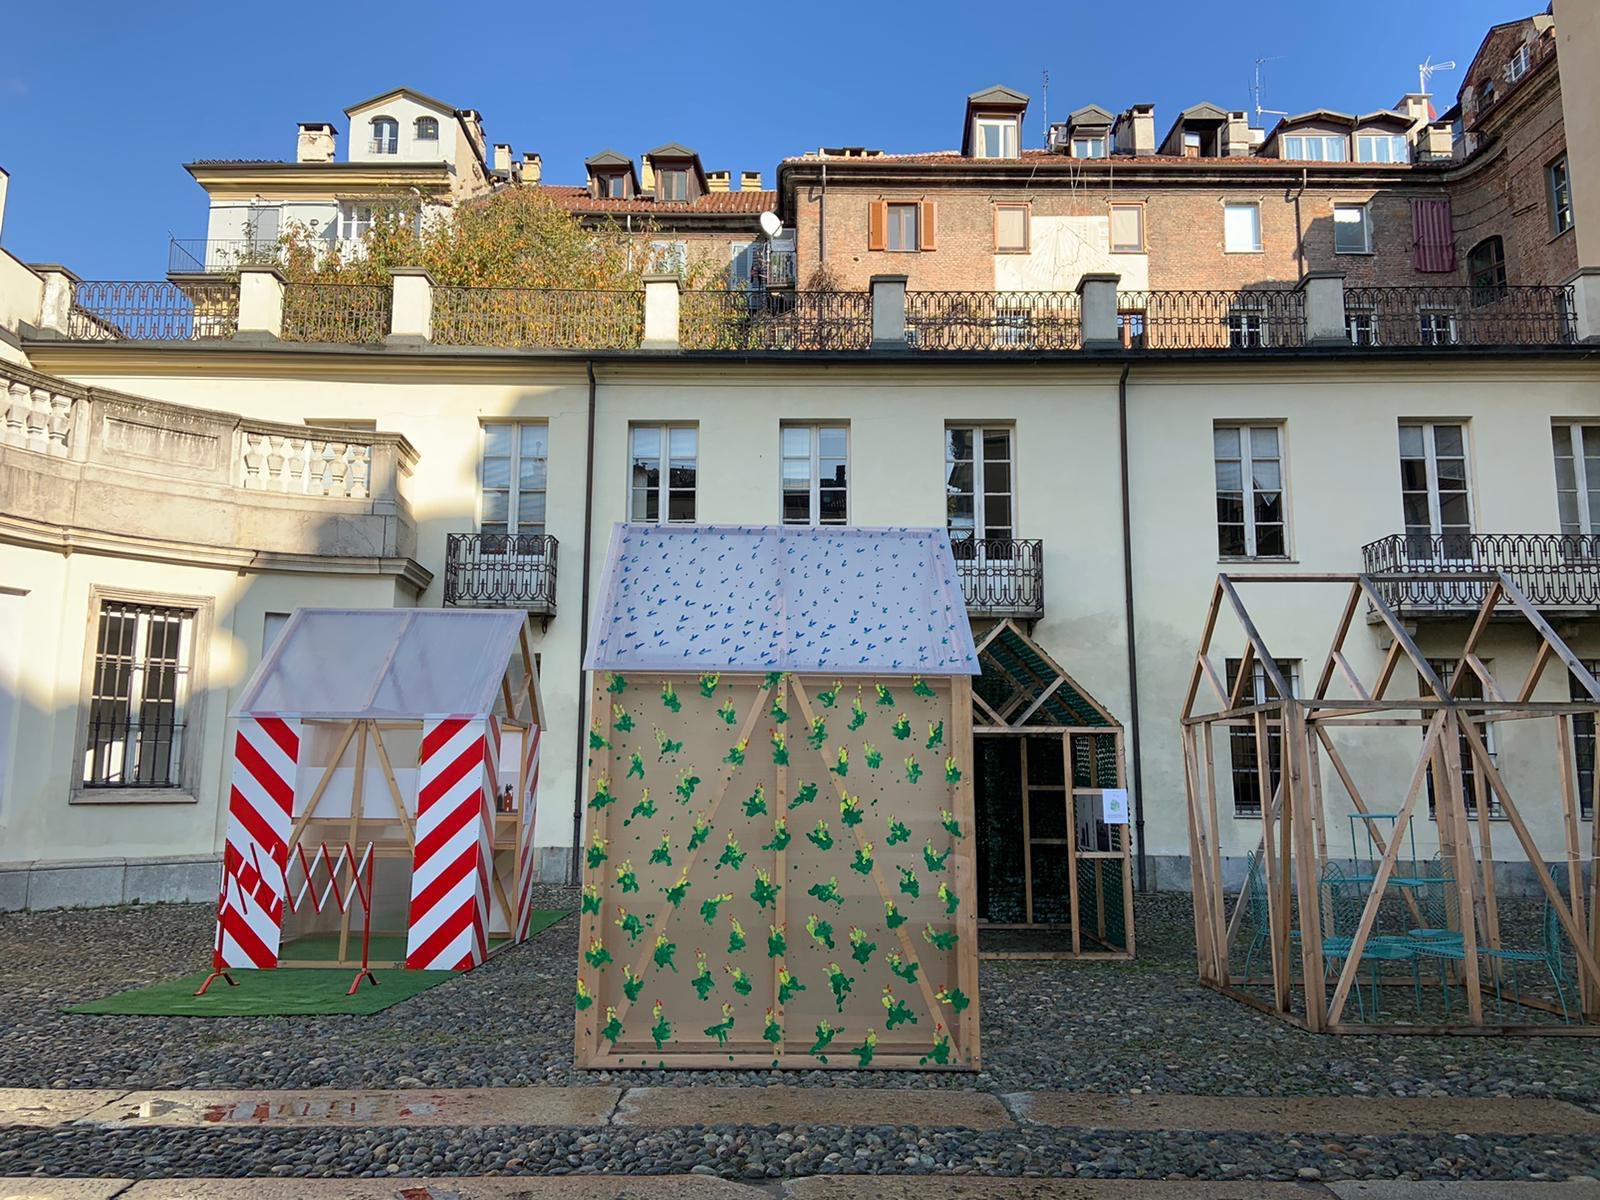 Storie di verde pubblico, Ugo La Pietra